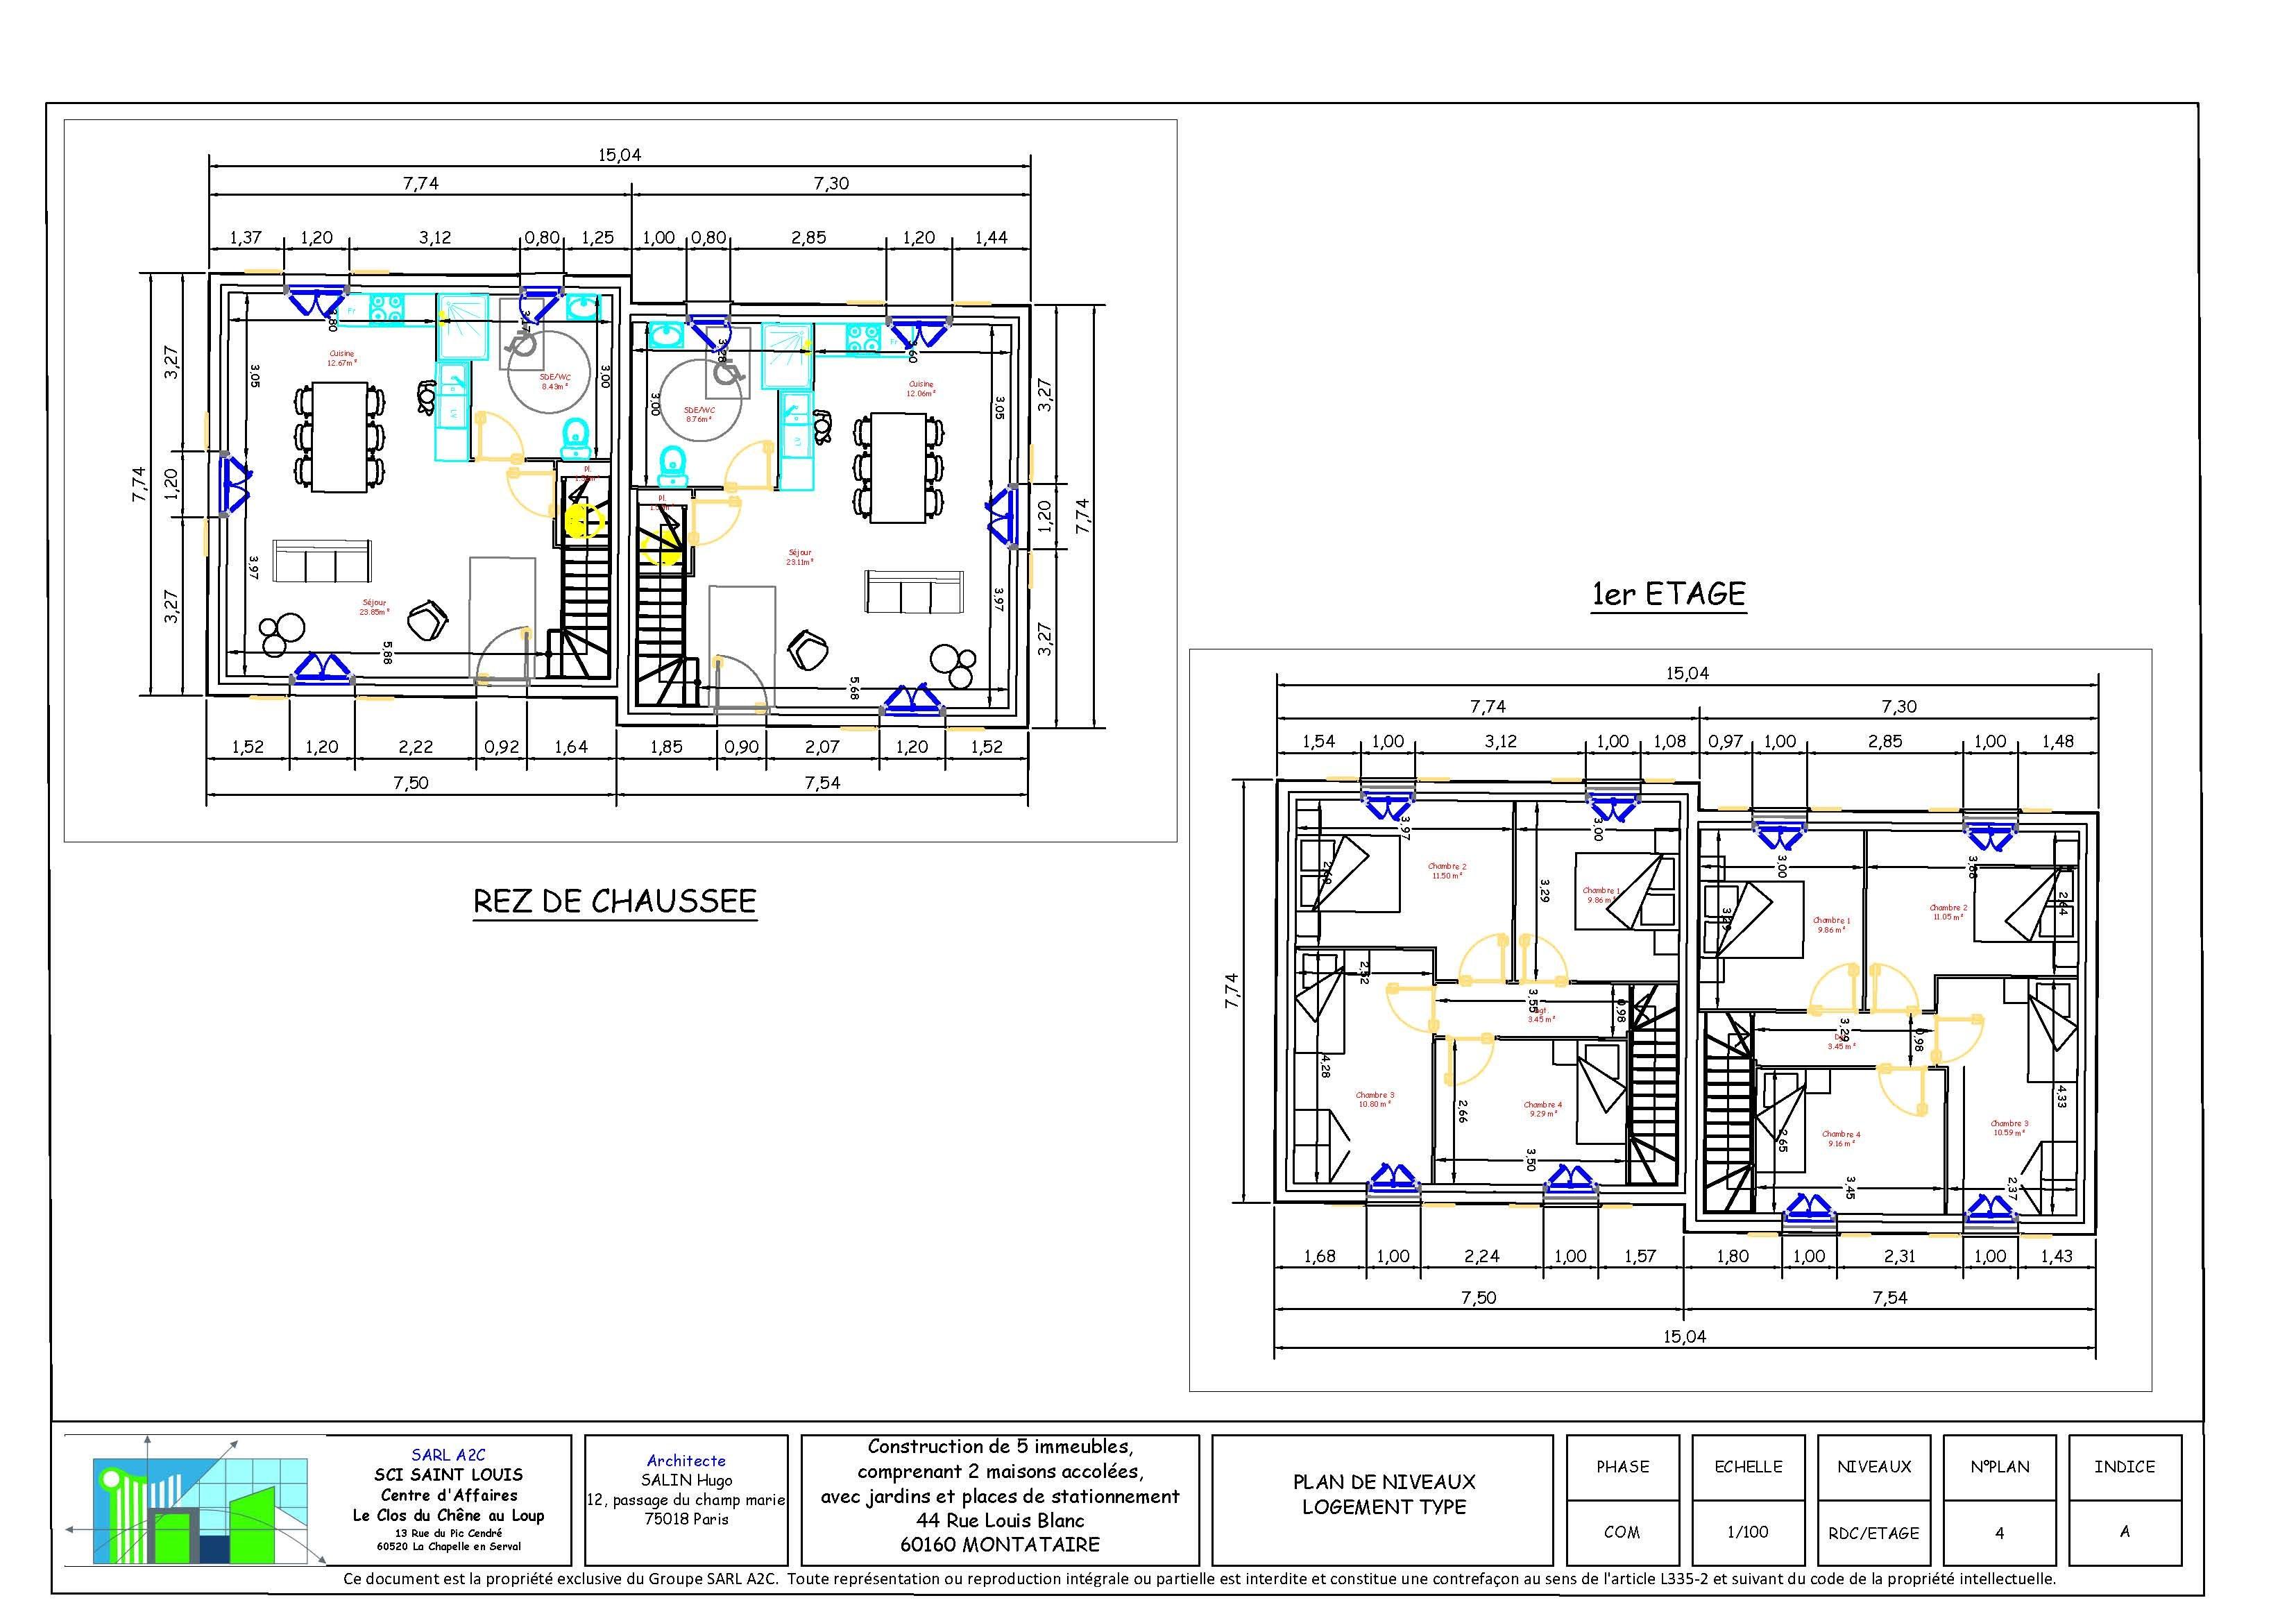 Plan A2C_PC-03_21-07-2021-NIVEAUX